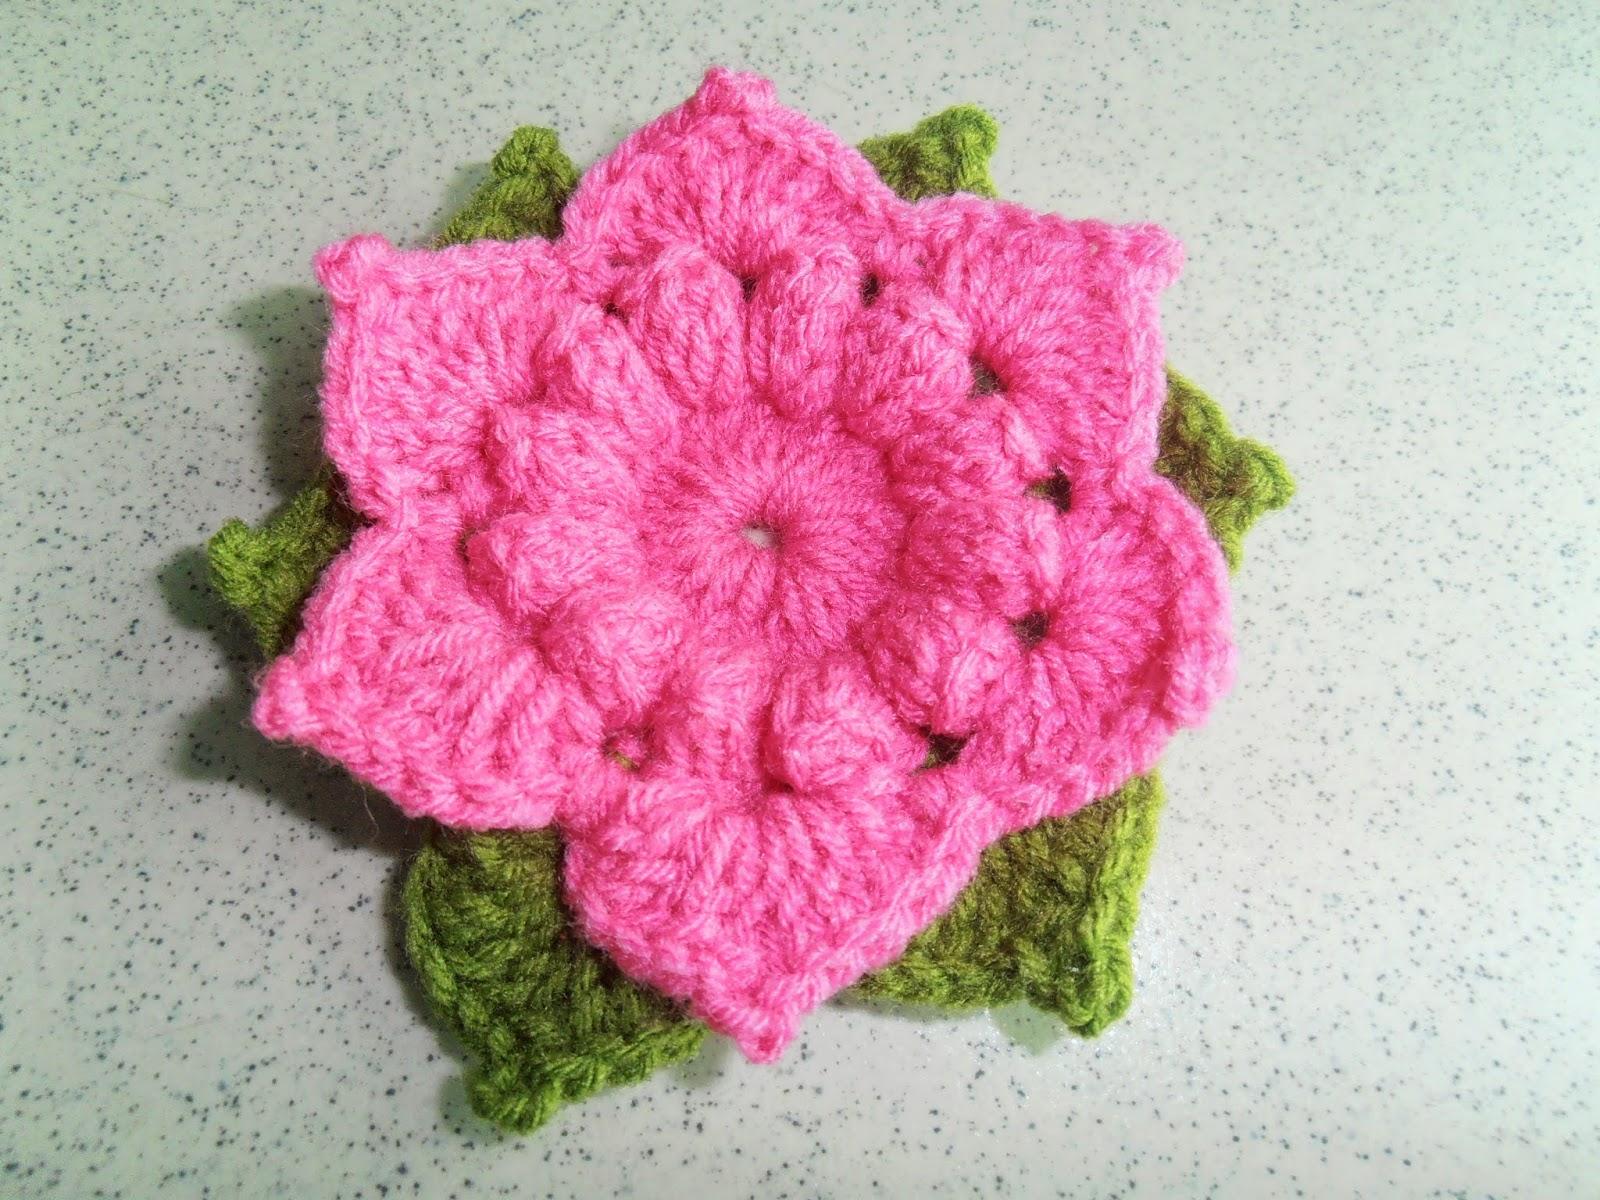 Dielas crochet crochet bunga lagi sebenarnya bunga crochet yang berwarna merah tu benangnya dah habis kat kedai yang saya selalu beli benang kait tu stok benangnya dah habis ccuart Gallery